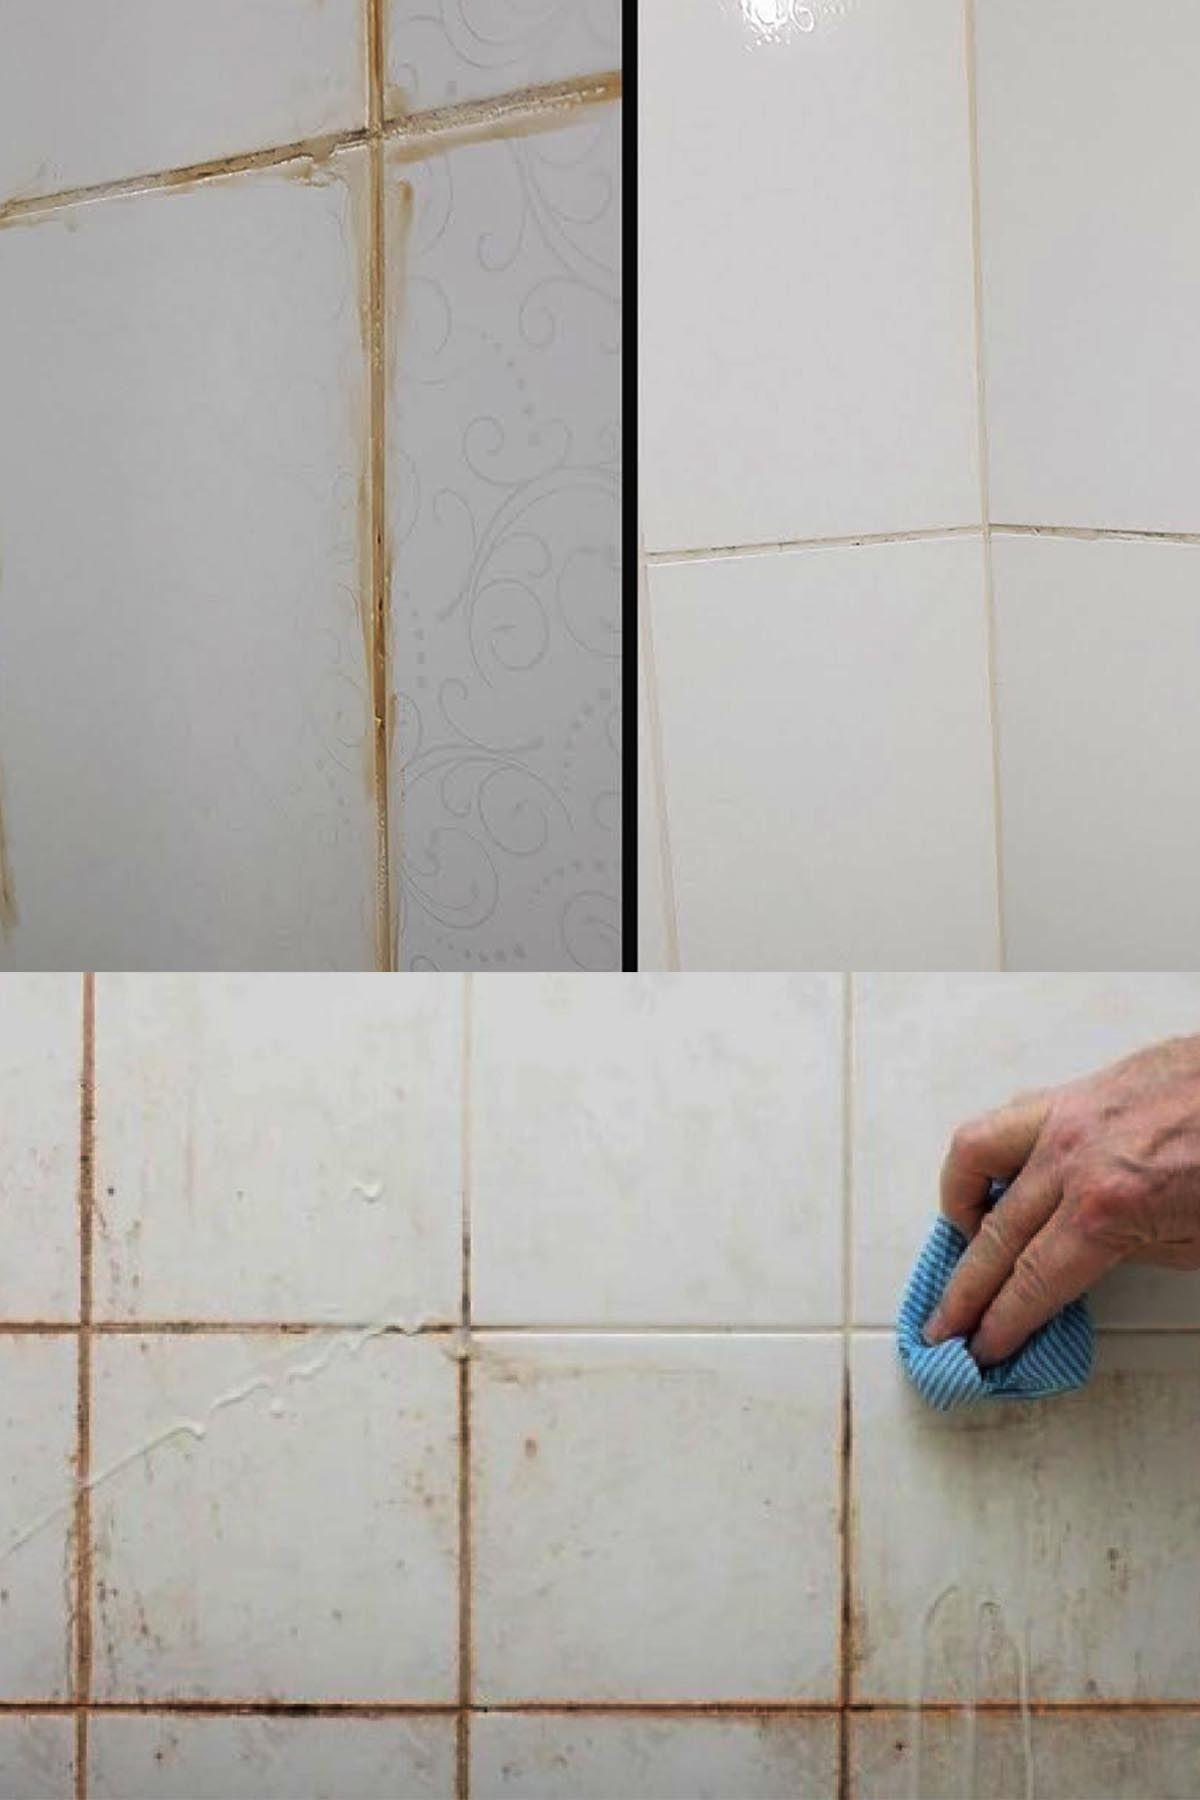 SMX Banyo Temizleyici / Fayans Temizleyici / Derz Temizleyici (20 LT)